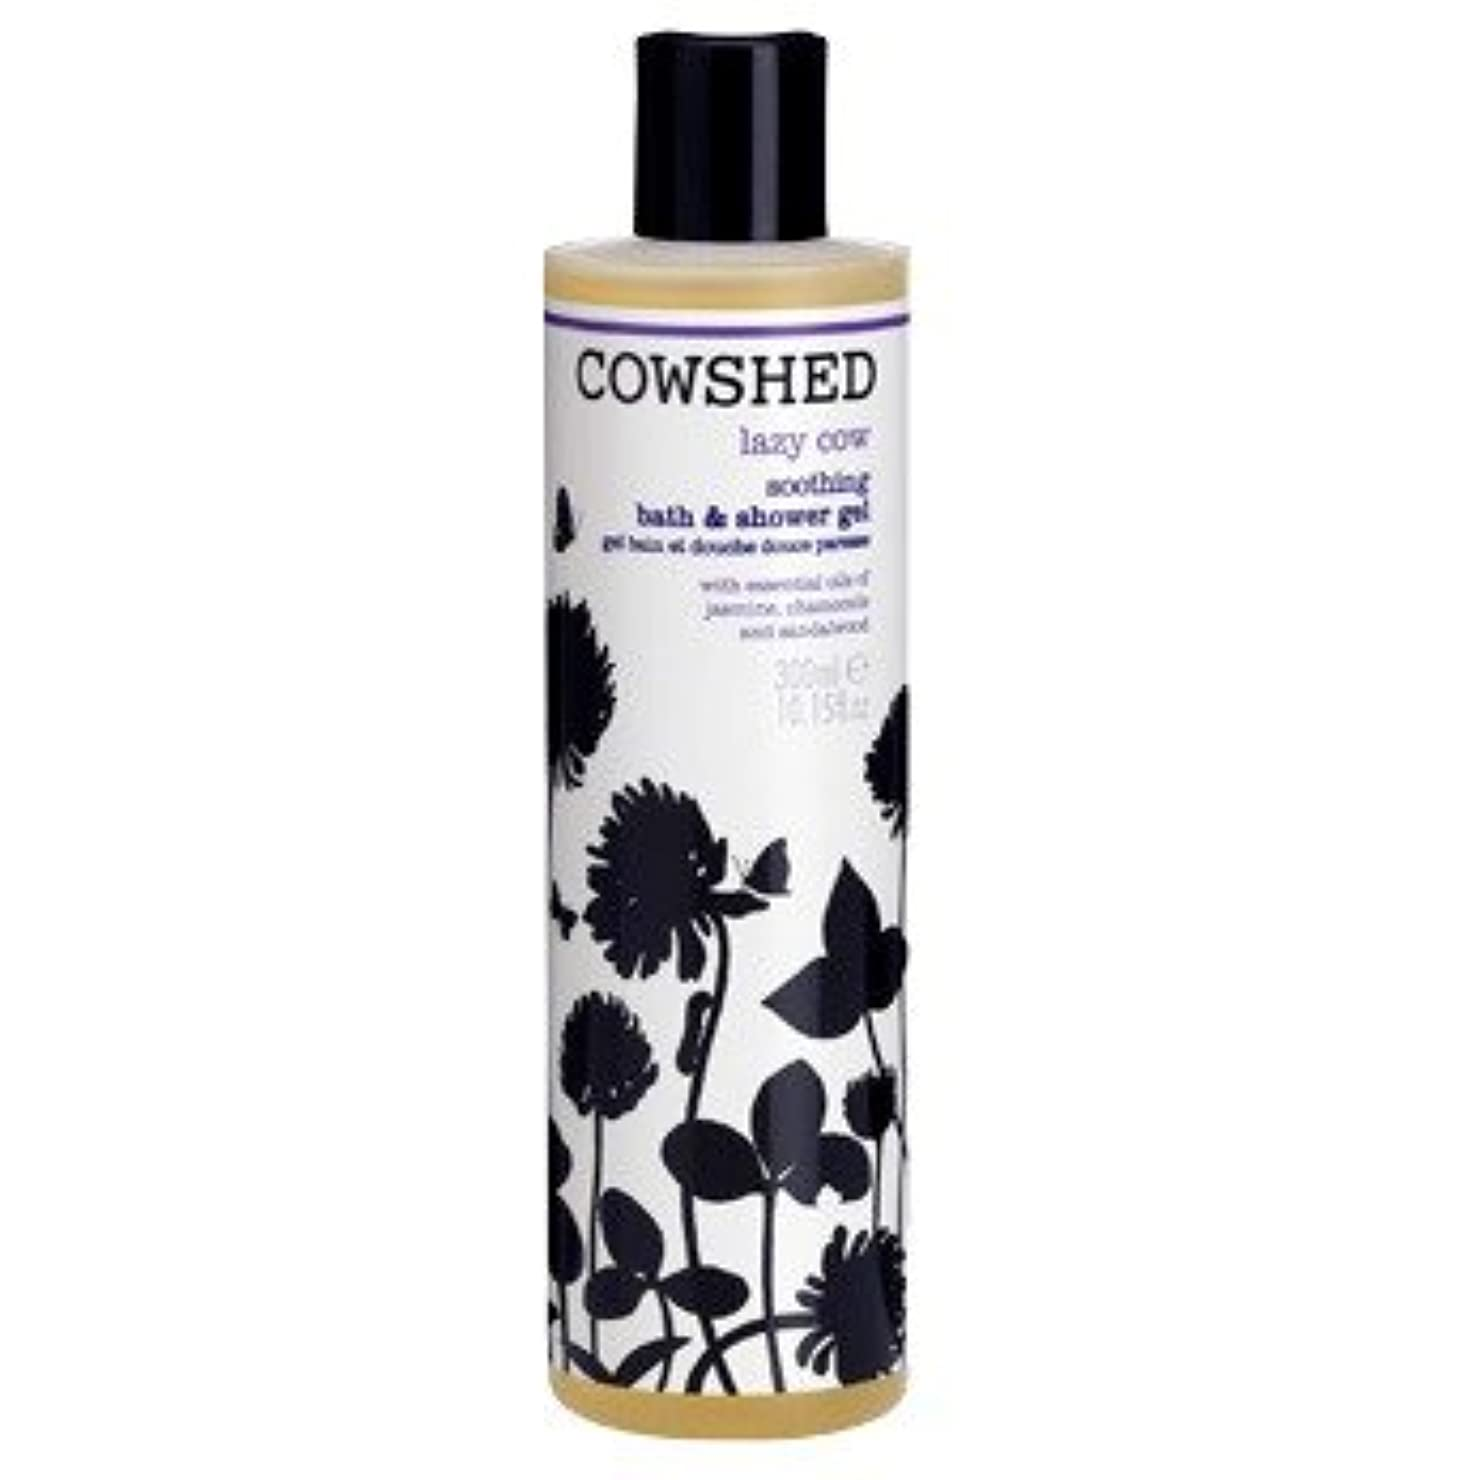 黄ばむ果てしないズーム牛舎怠惰な牛心地よいバス&シャワージェル300ミリリットル (Cowshed) (x2) - Cowshed Lazy Cow Soothing Bath & Shower Gel 300ml (Pack of 2) [並行輸入品]